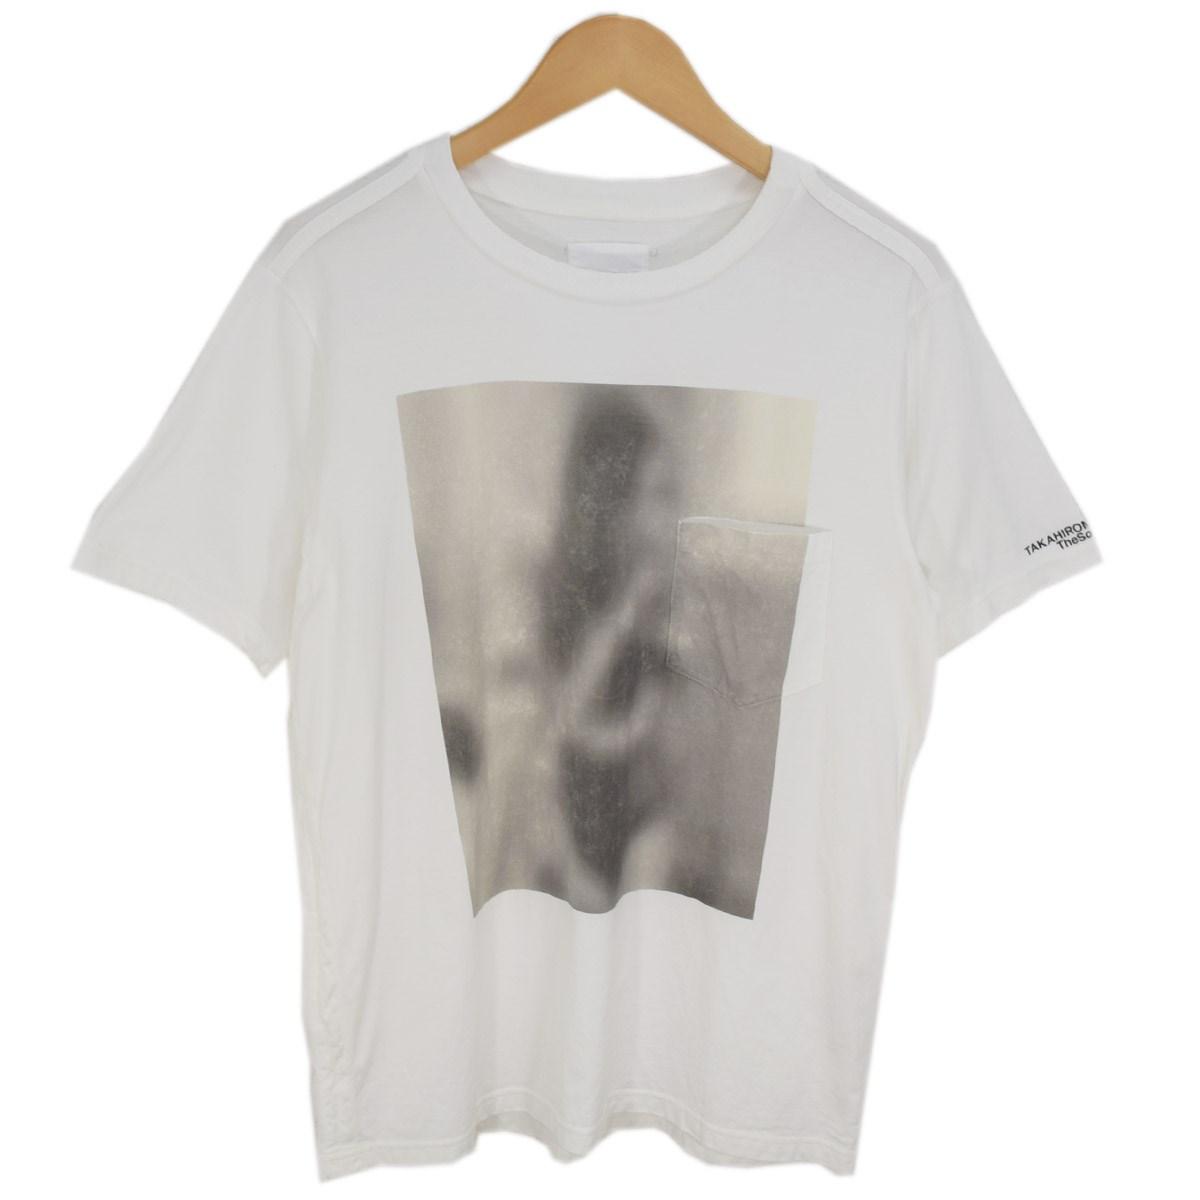 トップス, Tシャツ・カットソー TAKAHIROMIYASHITA TheSoloIst untitled (woman) Tee sc0036AW20 20AW 44 240920